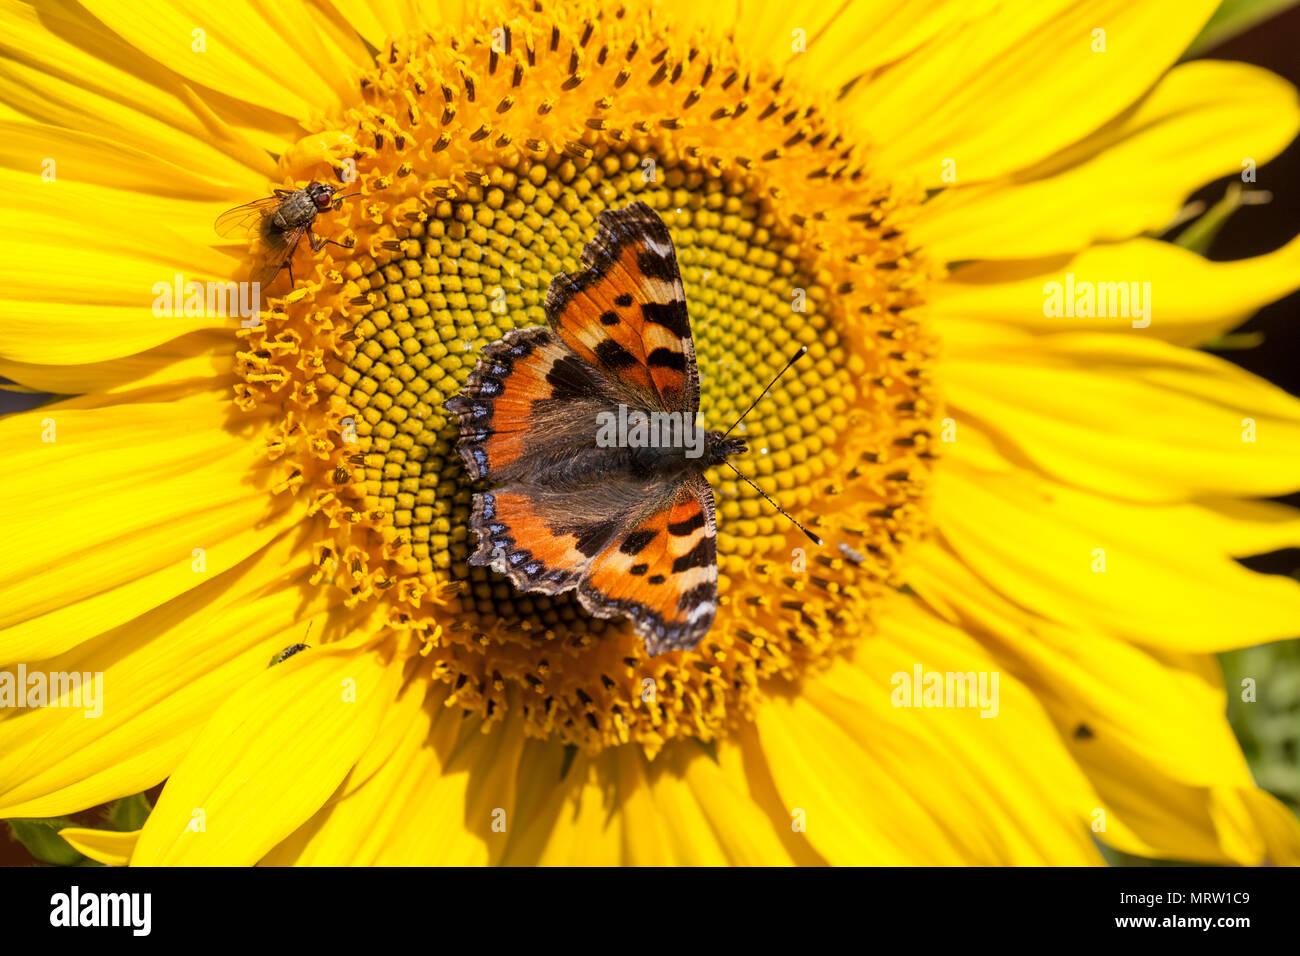 Small tortoiseshell, Nässelfjäril (Aglais urticae) - Stock Image